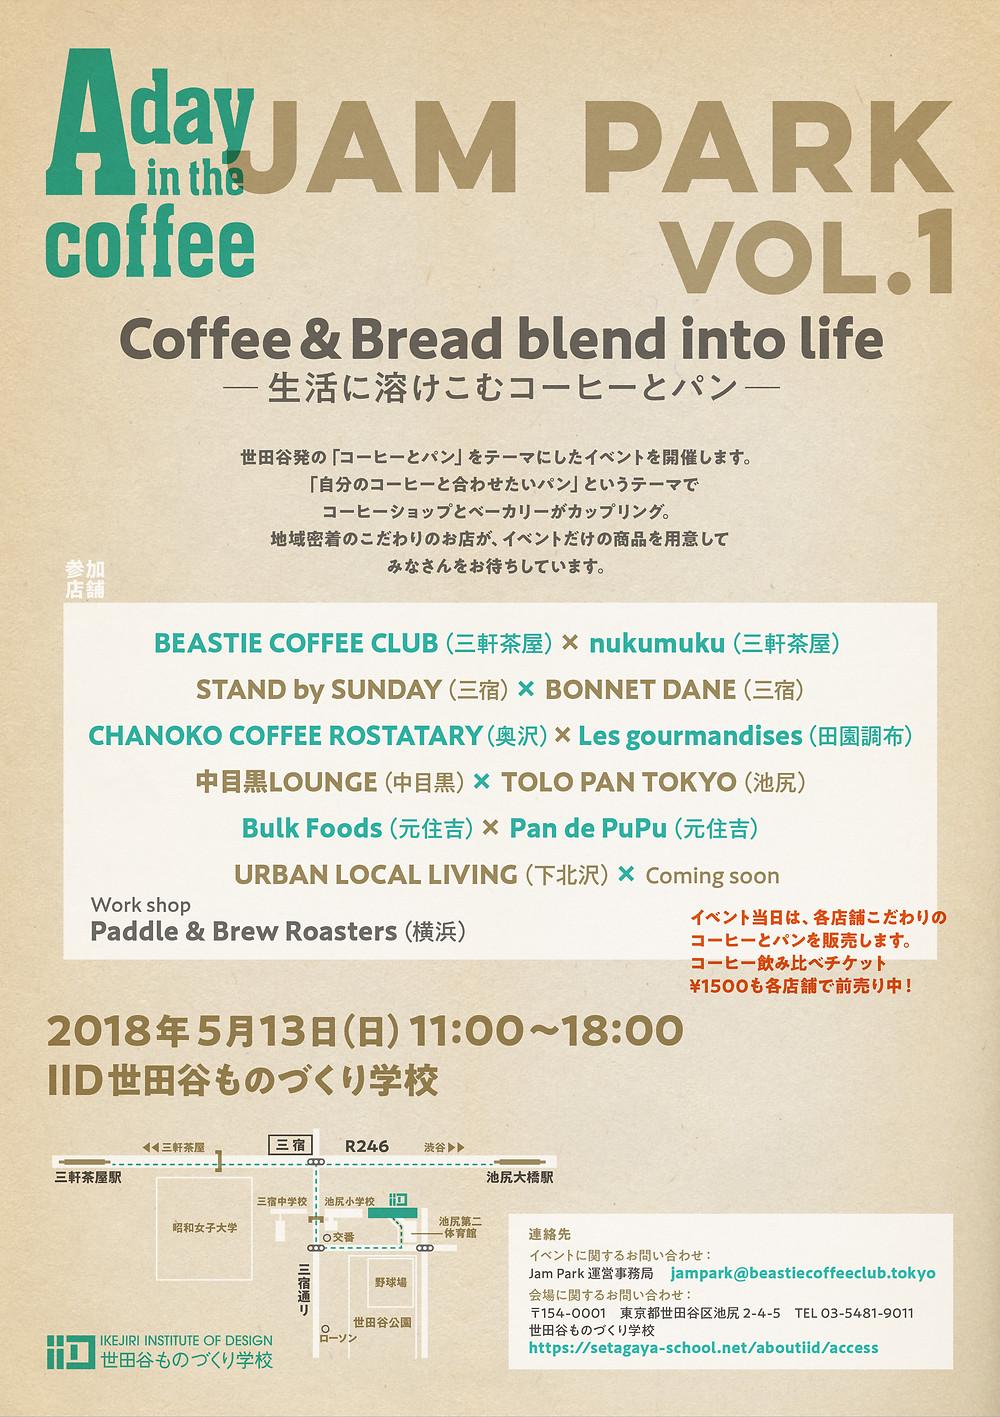 お店で提供しているコーヒーCHANOKO COFFEE ROASTERYさんとコーヒーとパンのイベントに出店します。普段カフェではお出ししていないパンをご用意しています。他のお店も素敵なところがいっぱいです。お近くの際はいらして下さい。